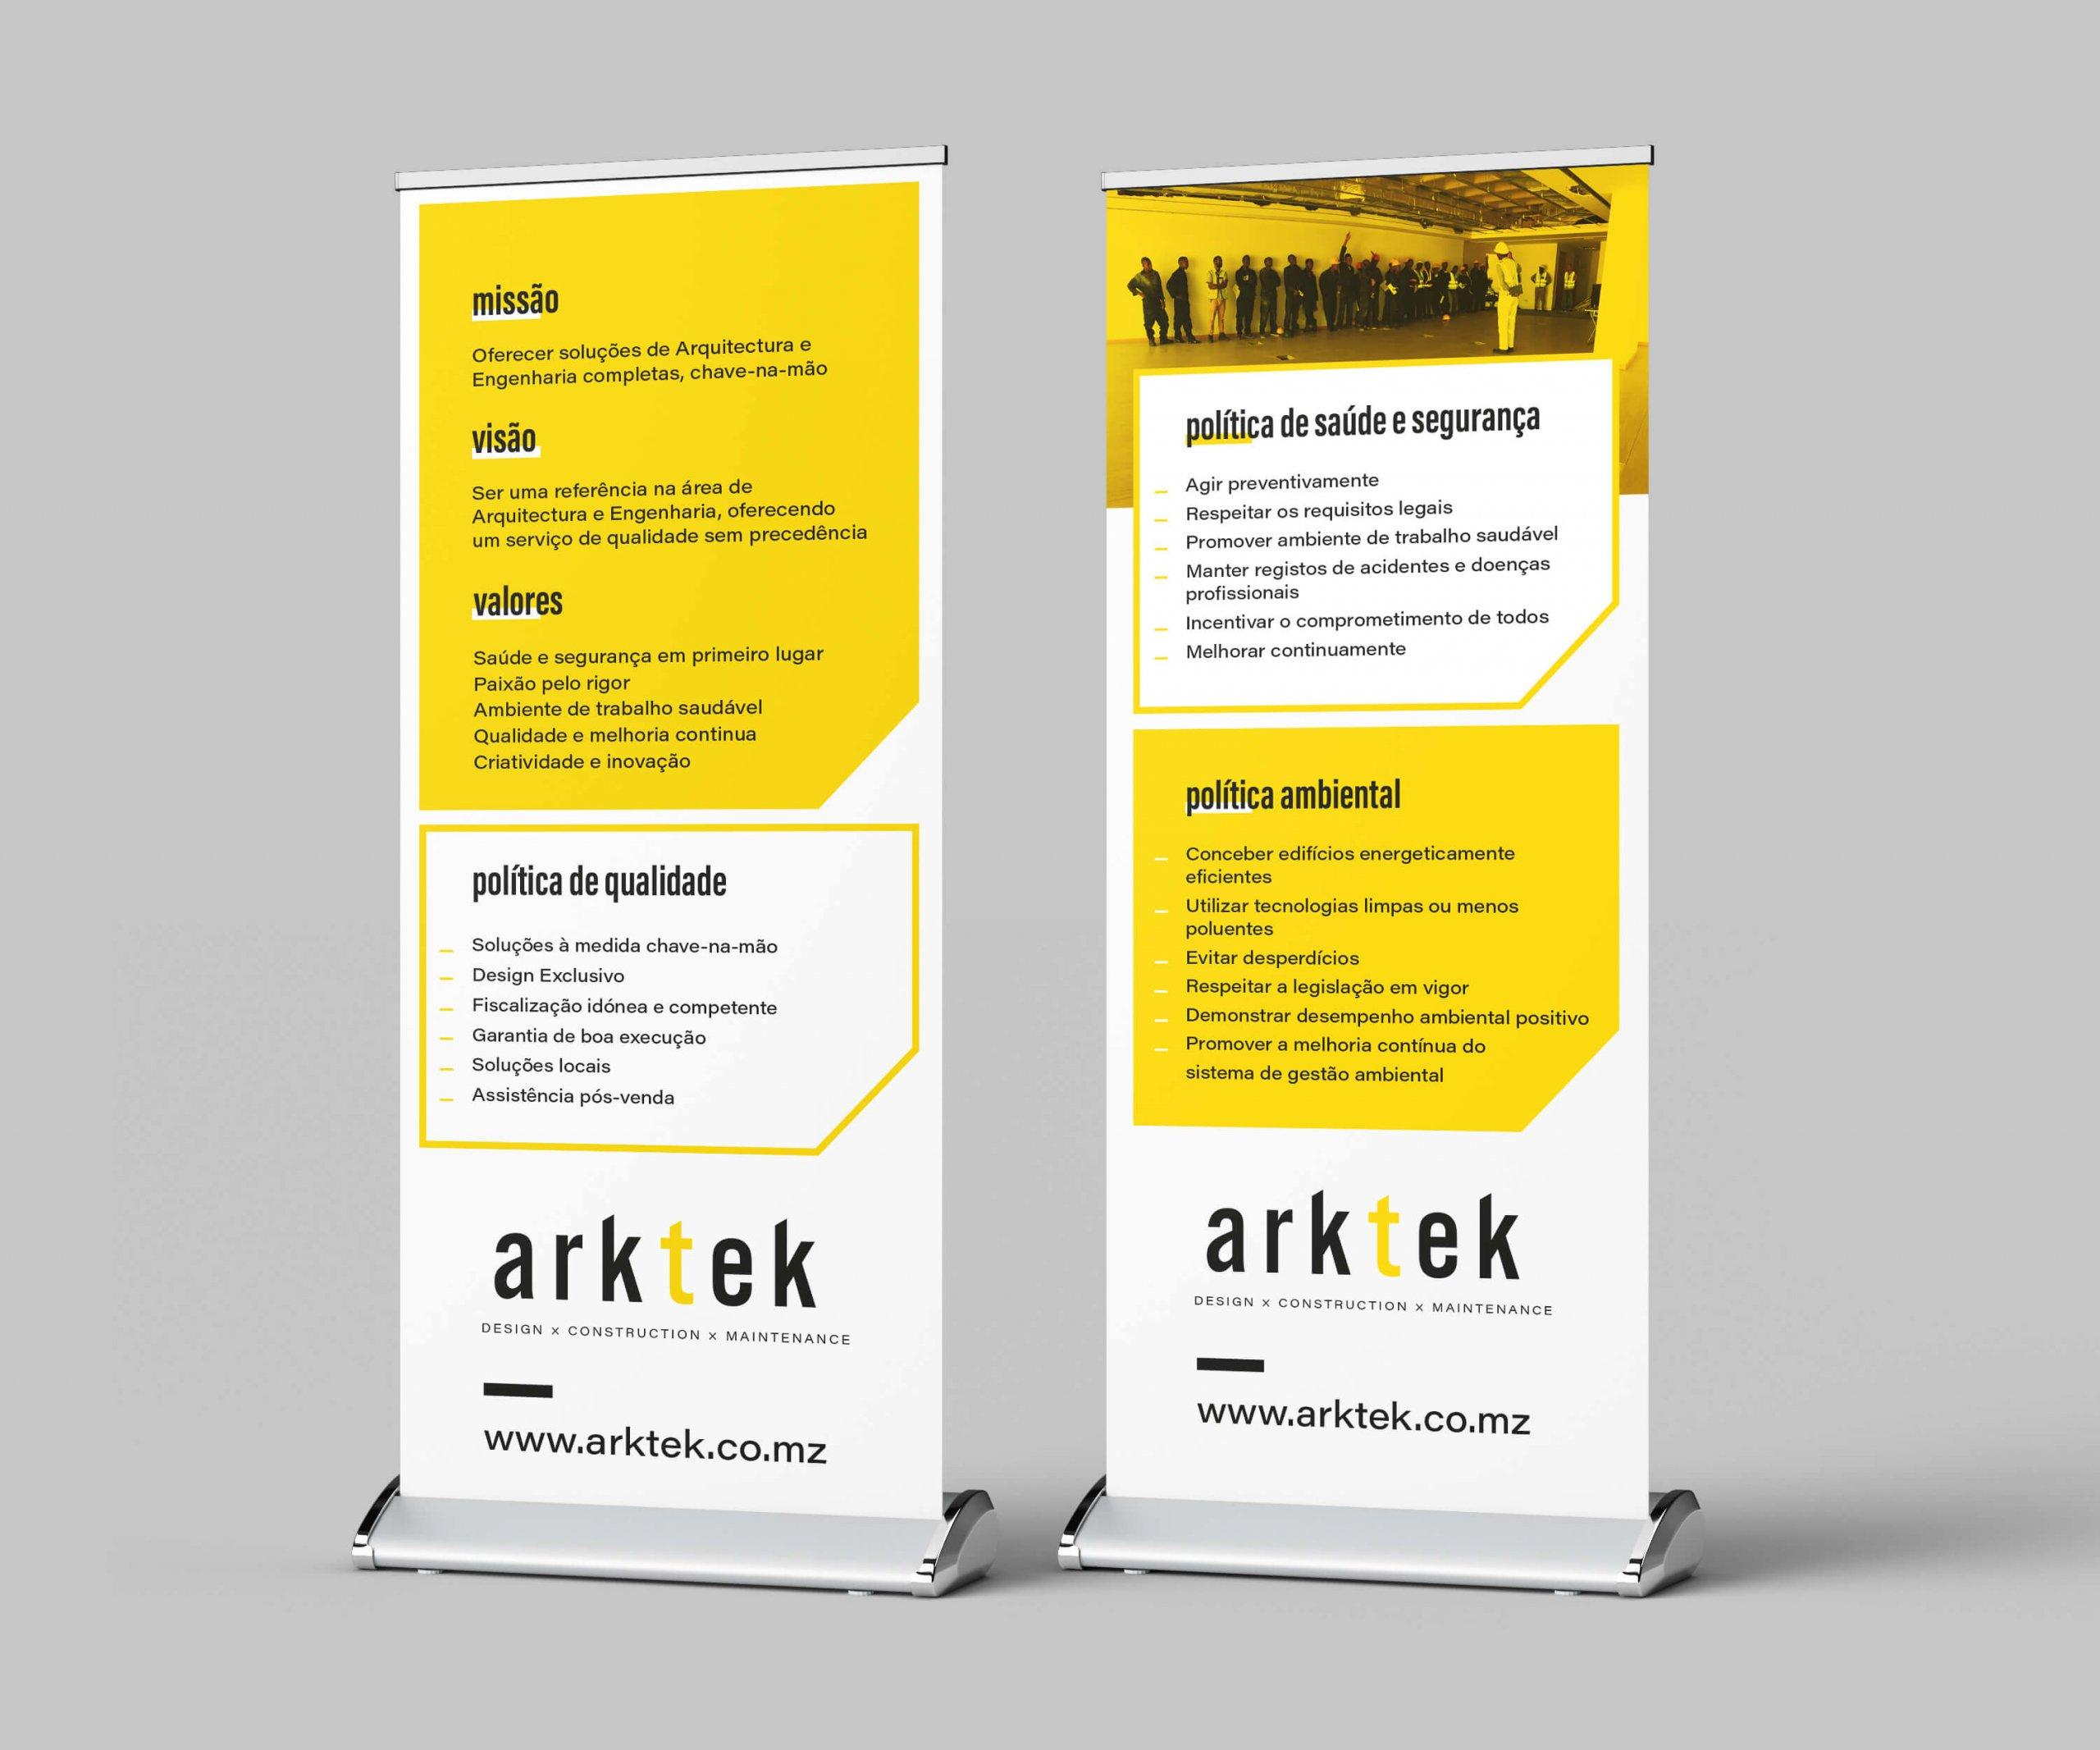 Arktek . raulpinadesign